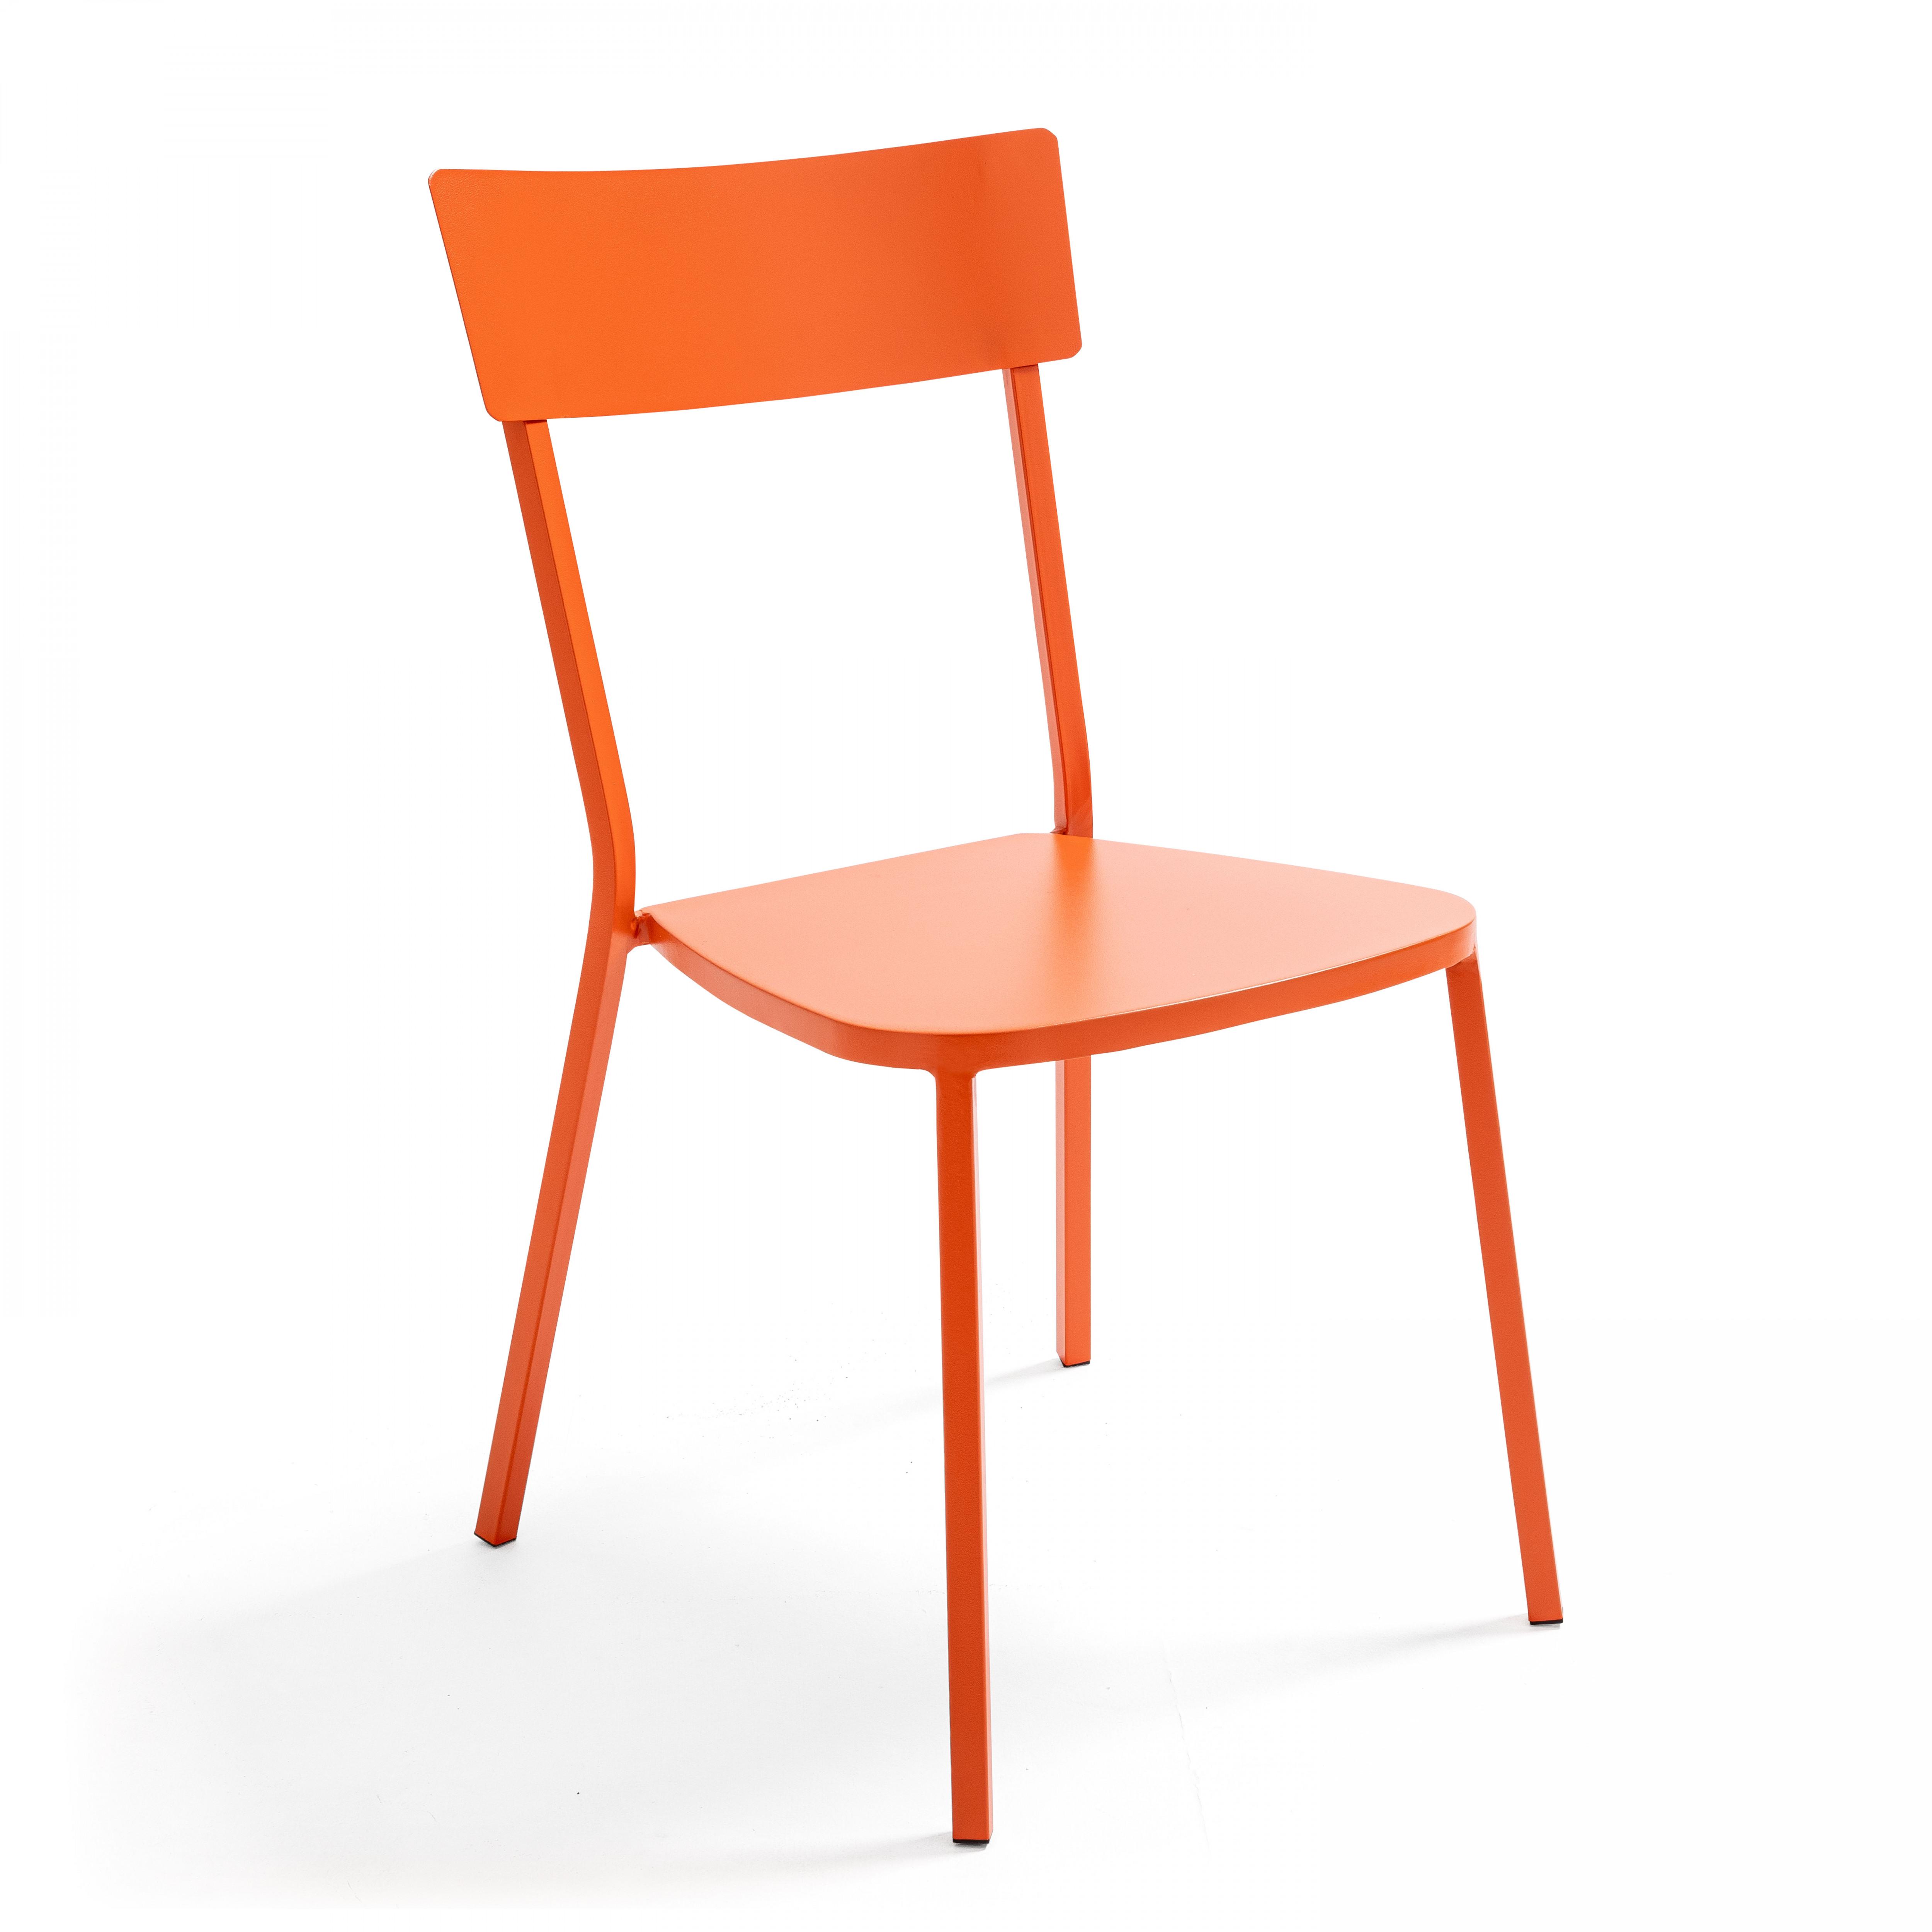 Chaise de jardin en acier thermolaqué, Cabourg